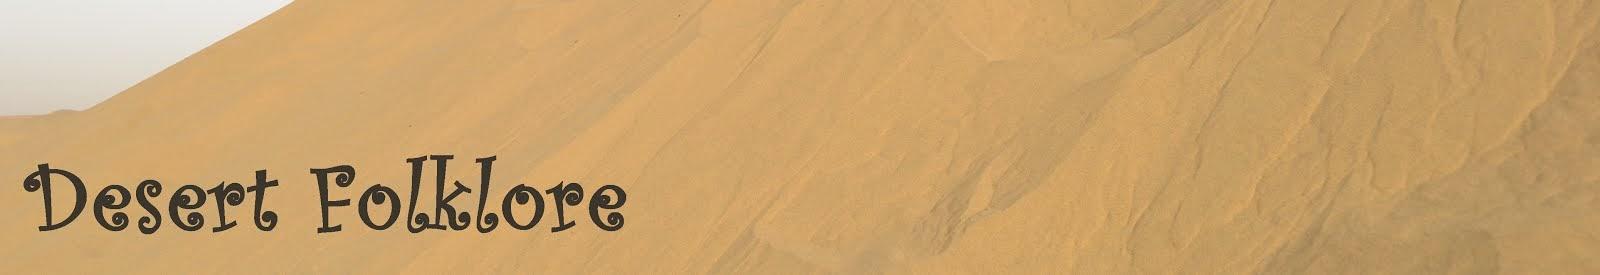 Desert Folklore